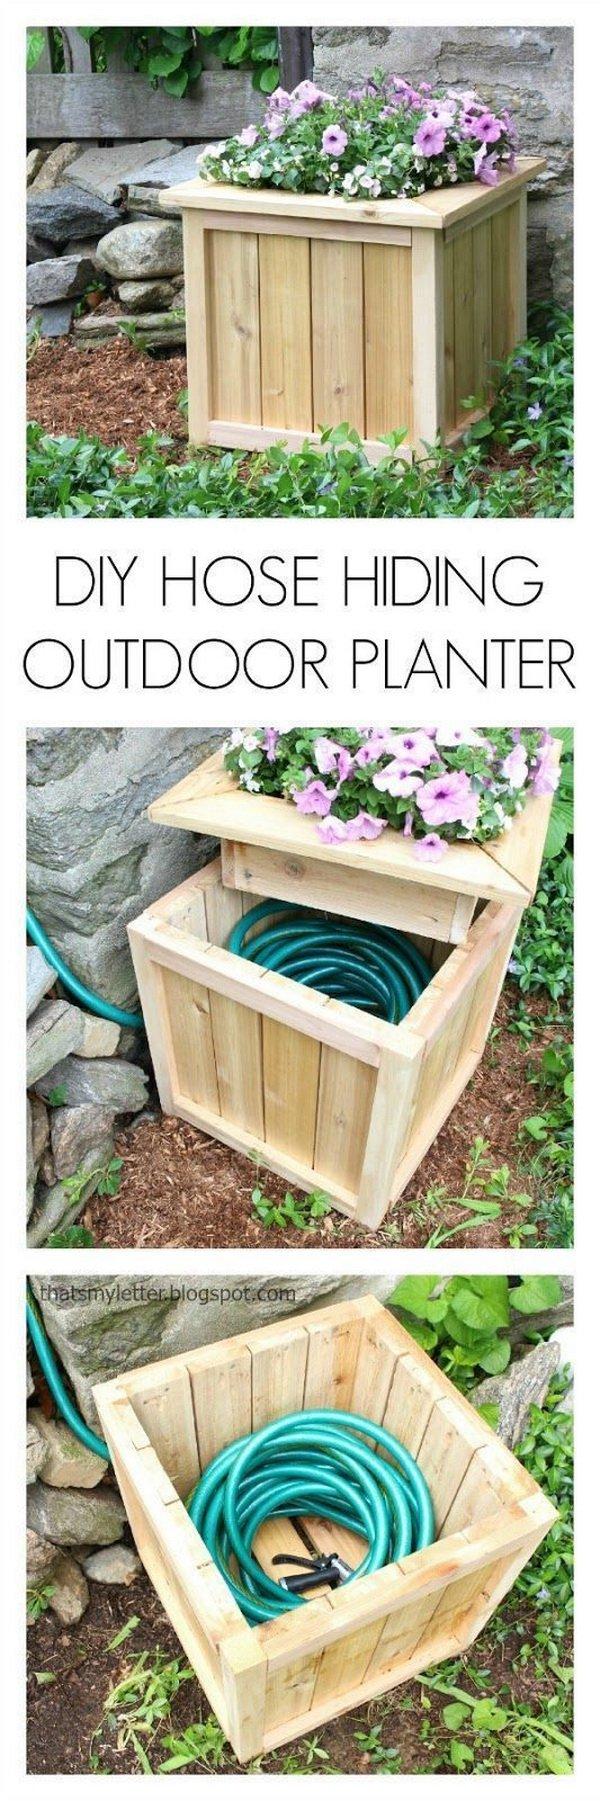 Hide Your Hose in a DIY Planter.